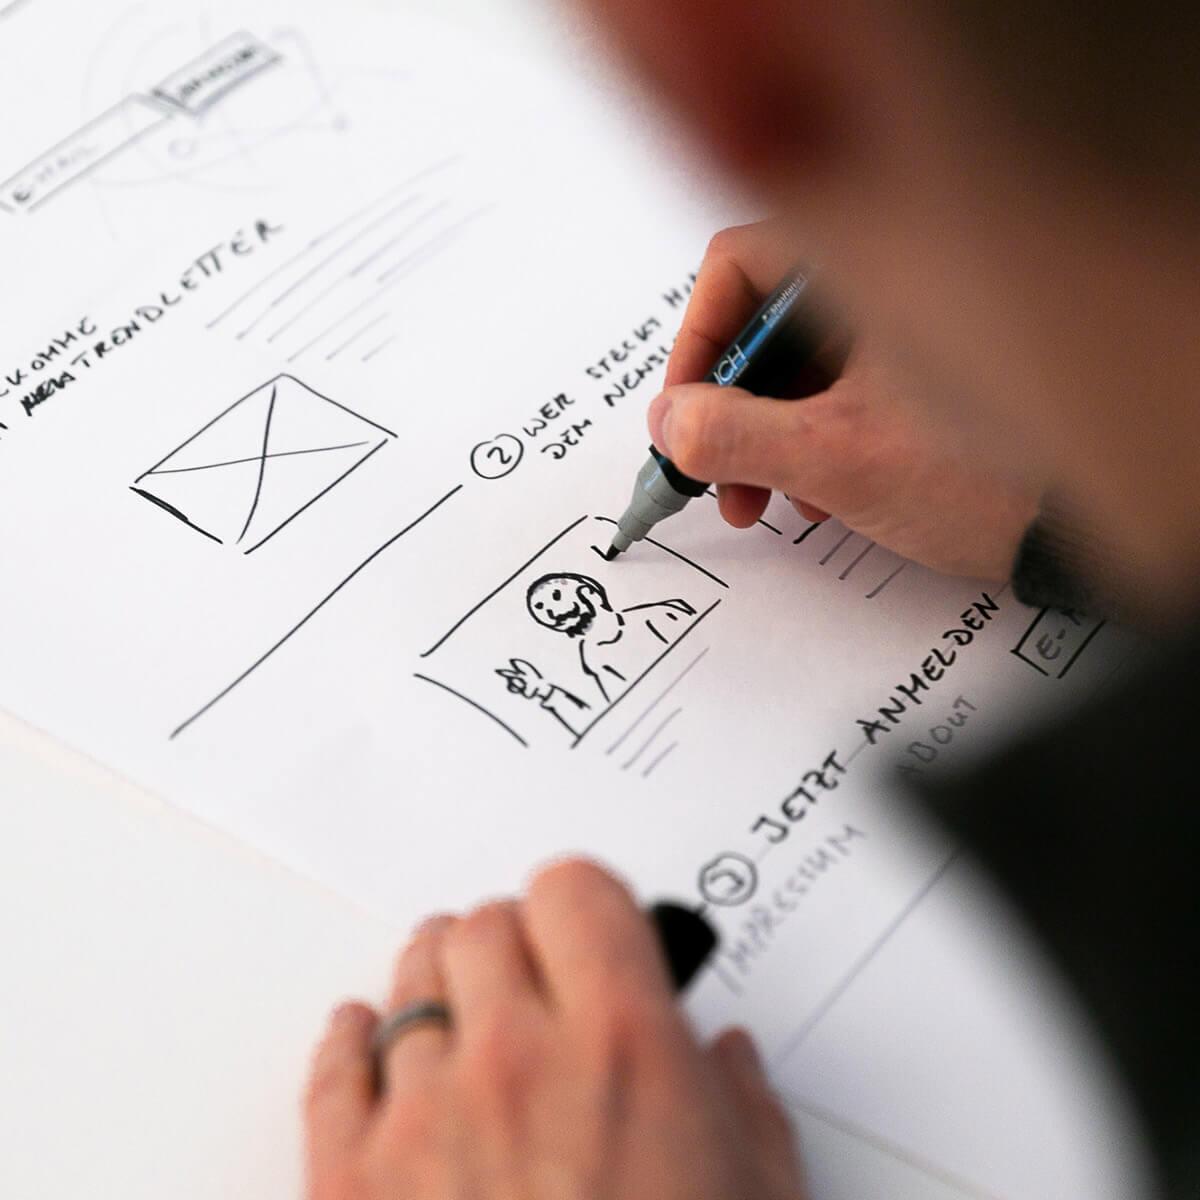 Mitarbeiter von Me & Company zeichnet Prototypen von Webseite im Rahmen seiner Rolle als Interface Designer